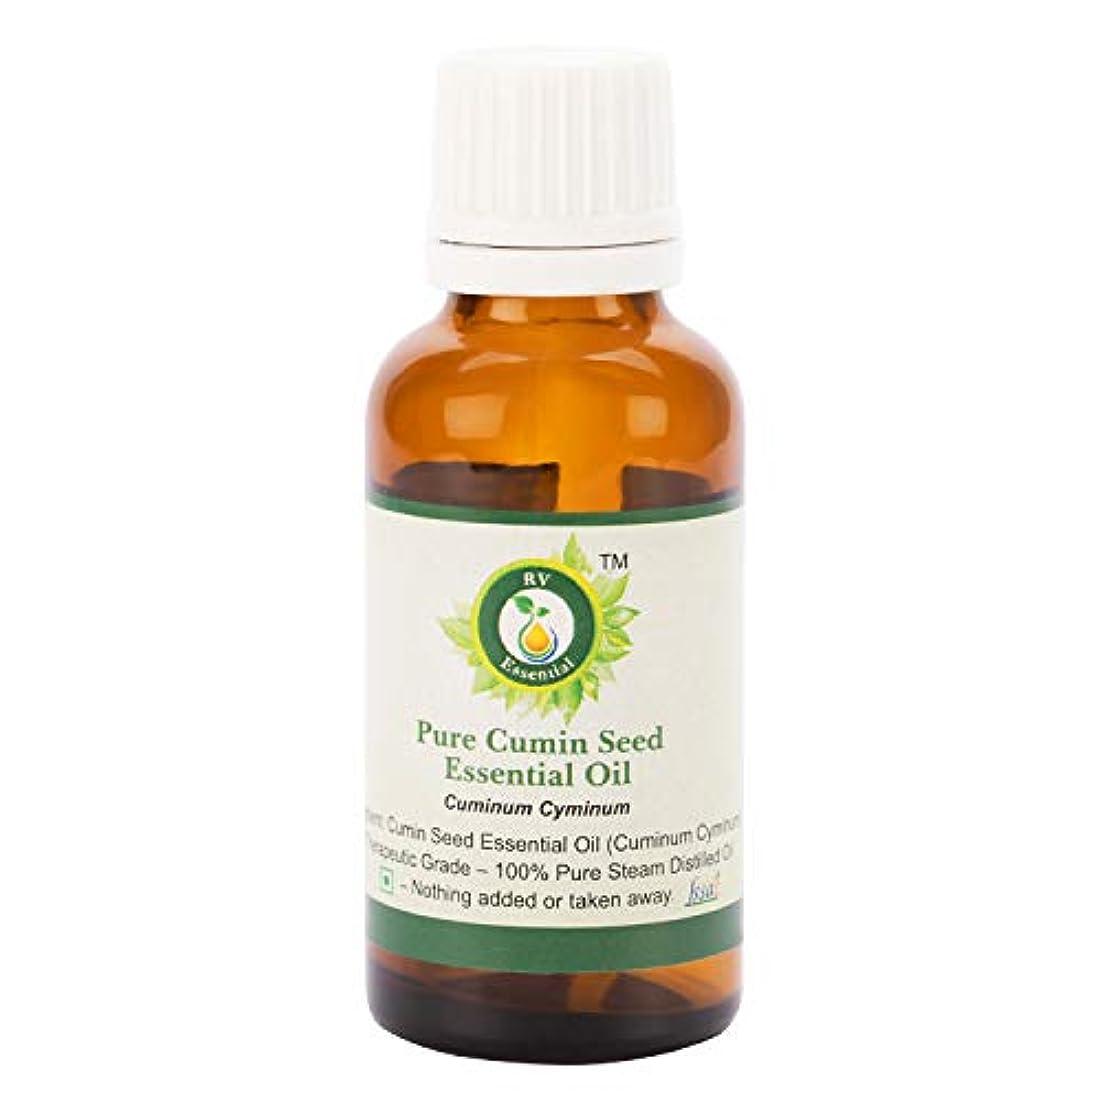 チチカカ湖吸収するマスクピュアクミンシードエッセンシャルオイル5ml (0.169oz)- Cuminum Cyminum (100%純粋&天然スチームDistilled) Pure Cumin Seed Essential Oil